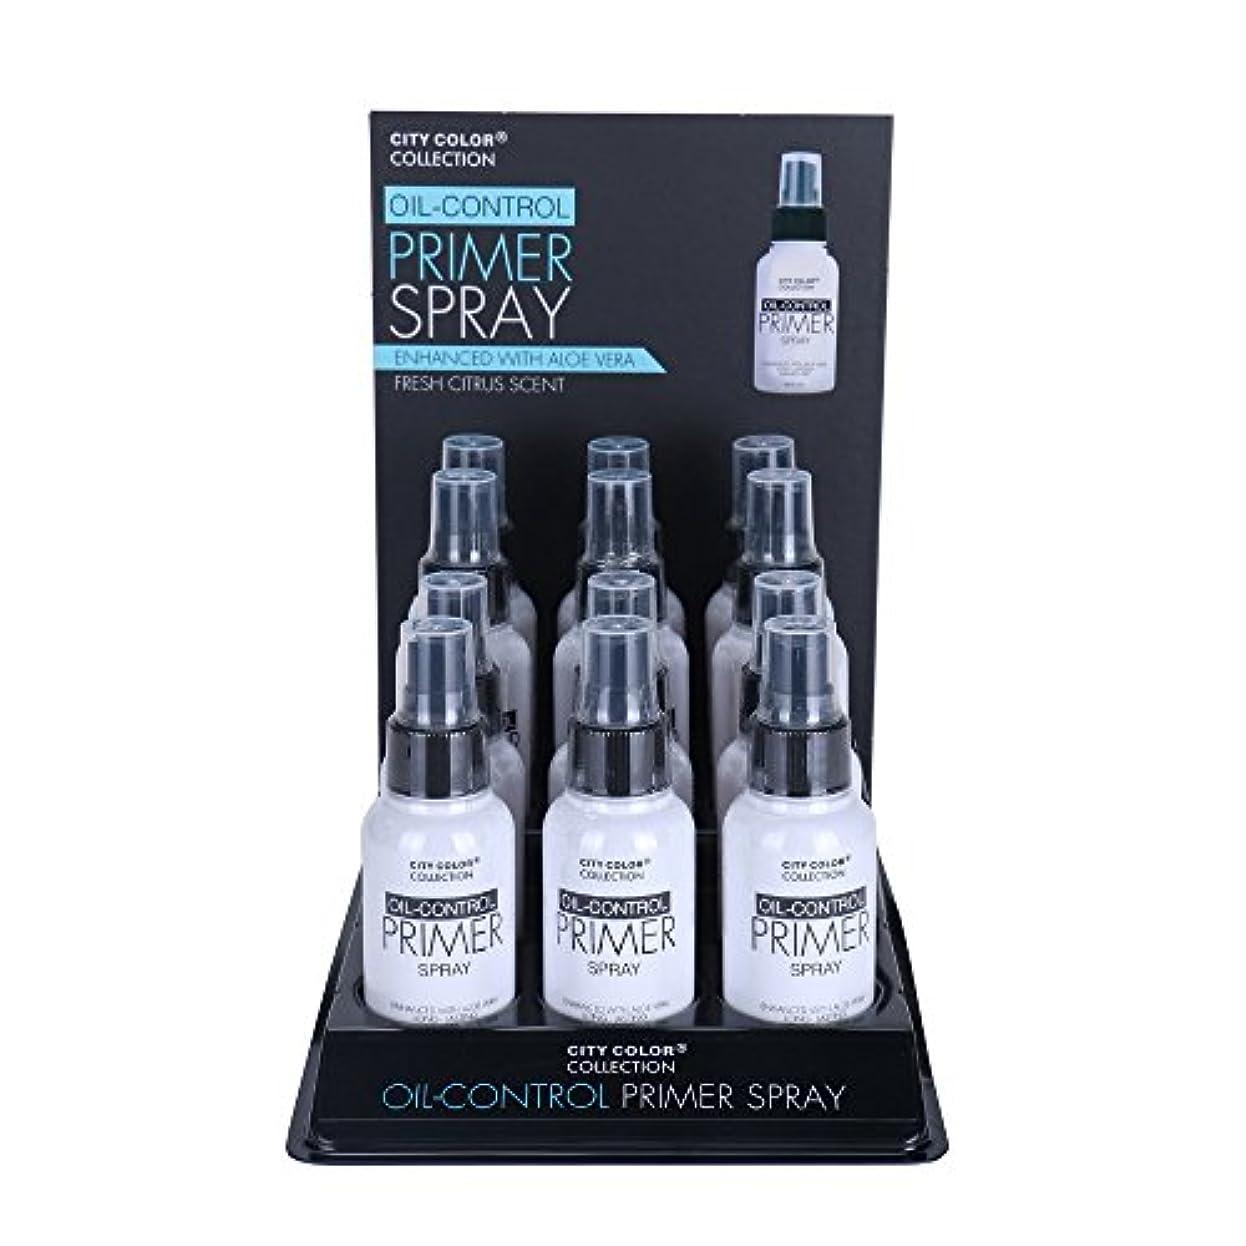 同行誘うブラウザCITY COLOR Oil-Control Primer Spray Display Case Set 12 Pieces (並行輸入品)